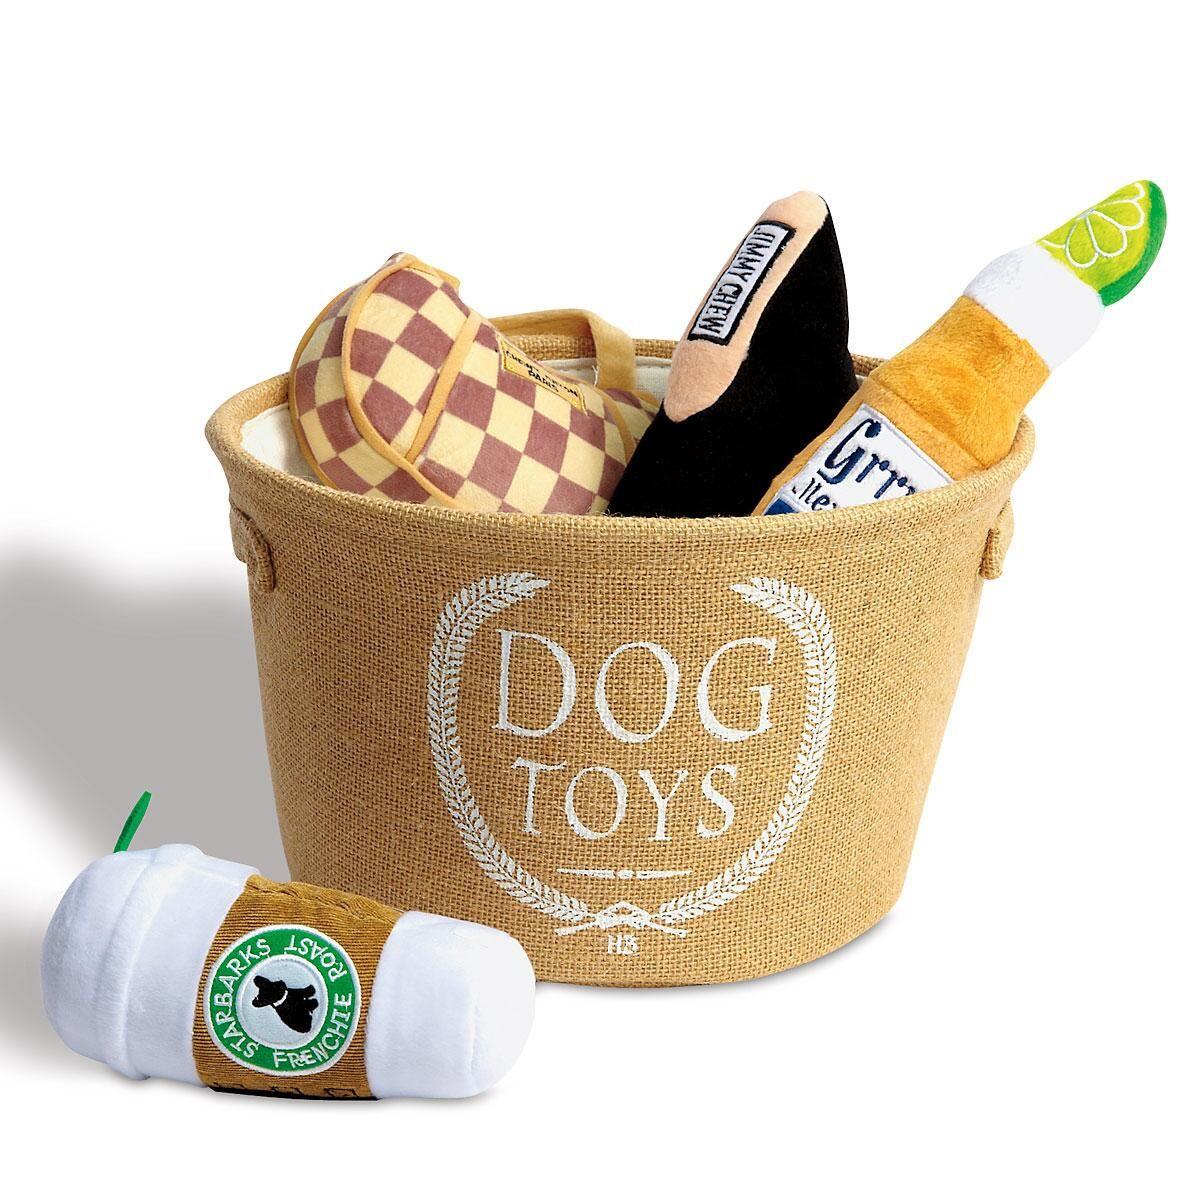 Dog Toy Bin by Harry Barker